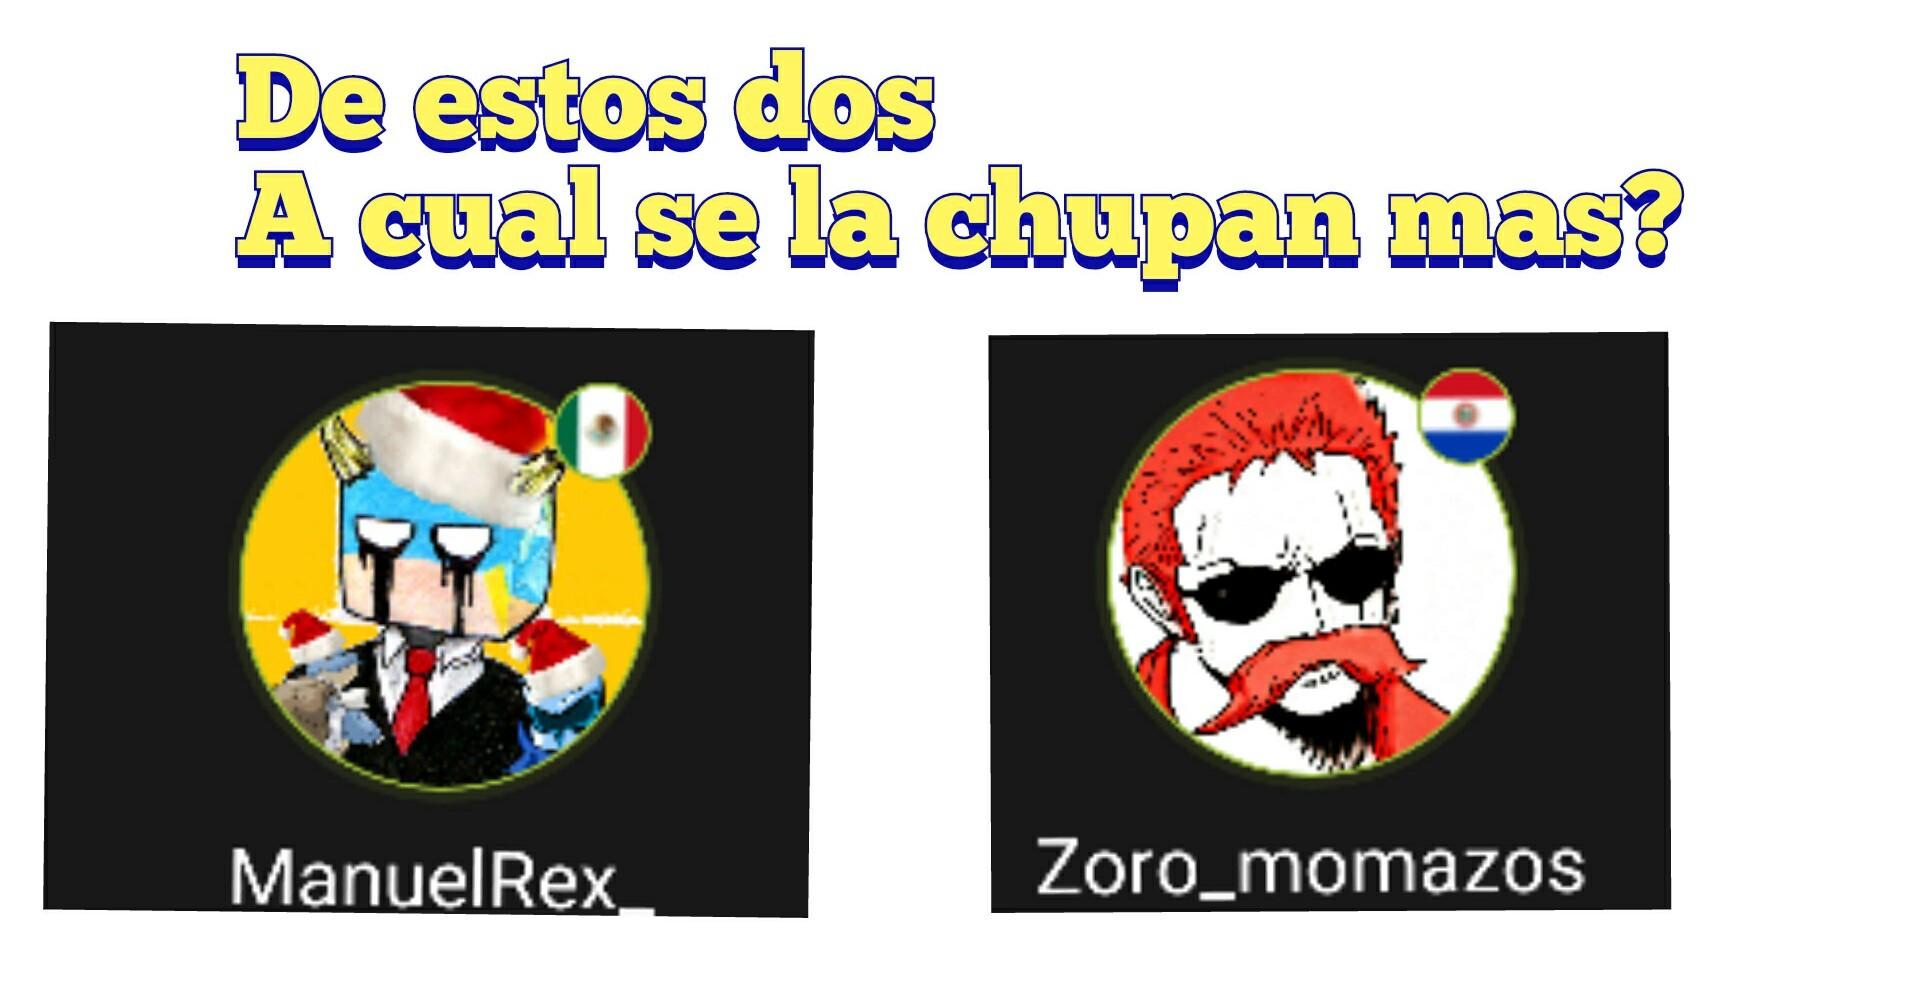 Zoro o Manuel? - meme